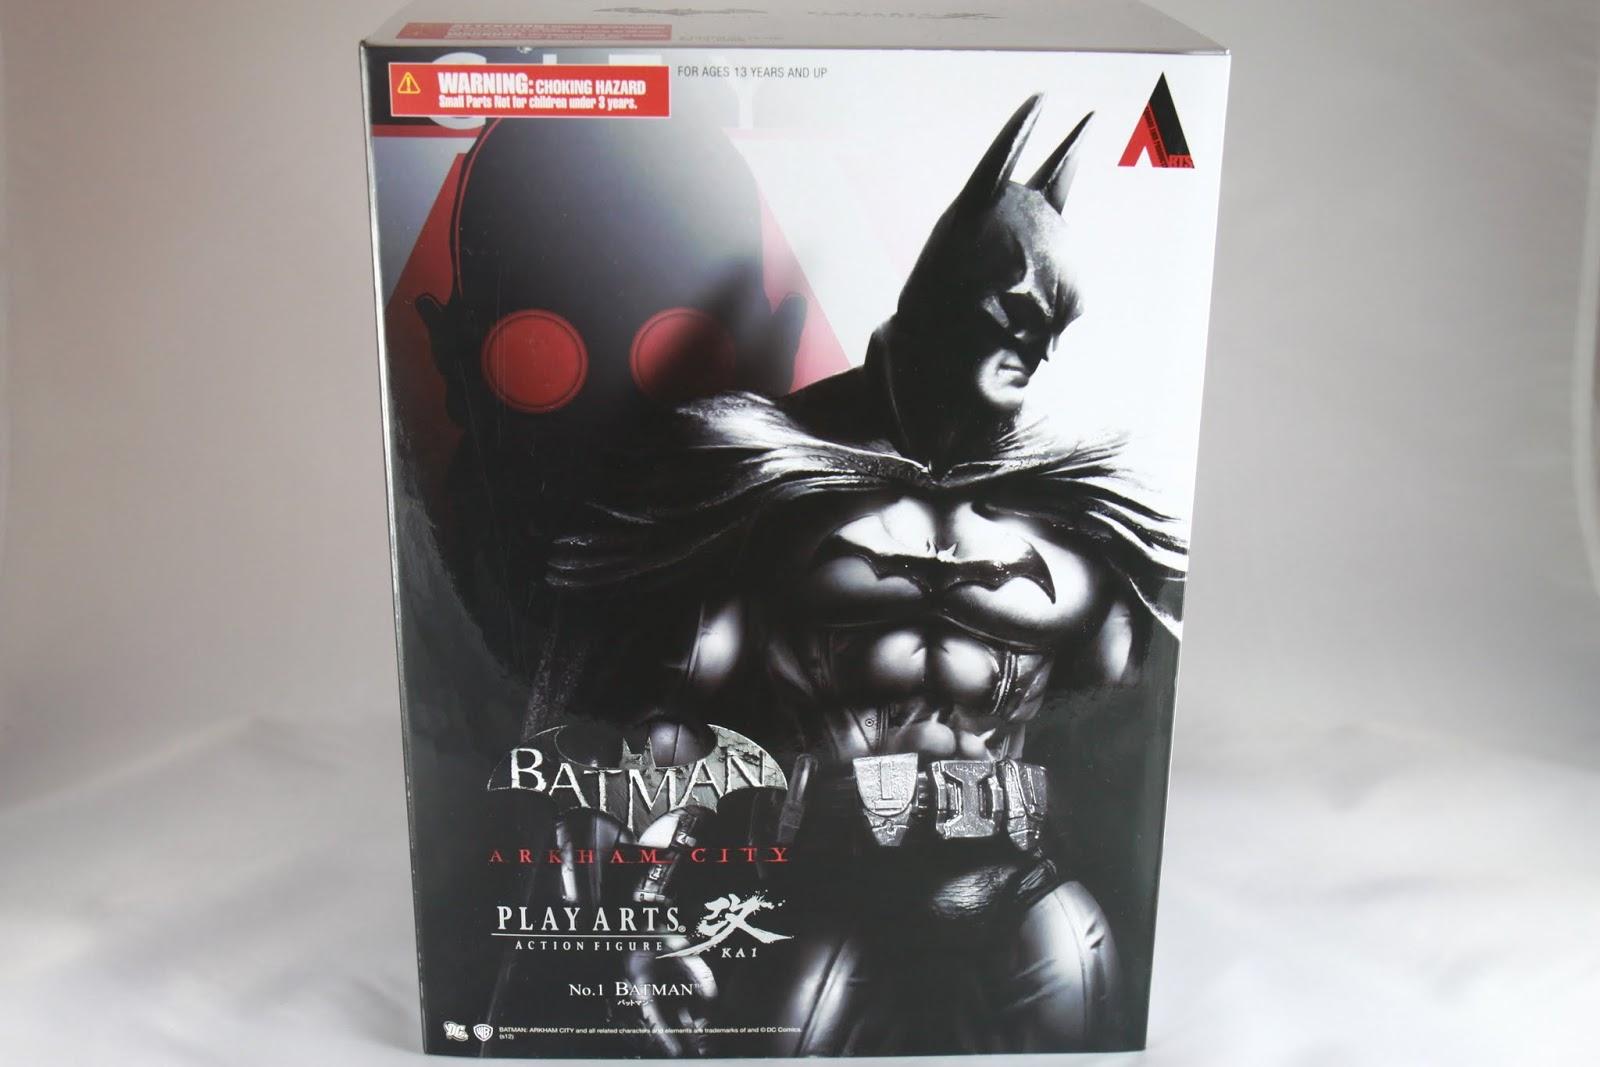 這款開始盒面造型色調是採跟遊戲一樣的黑白色調 後面那個大頭是雨果吧~ 然後封面是玩具本體的照片